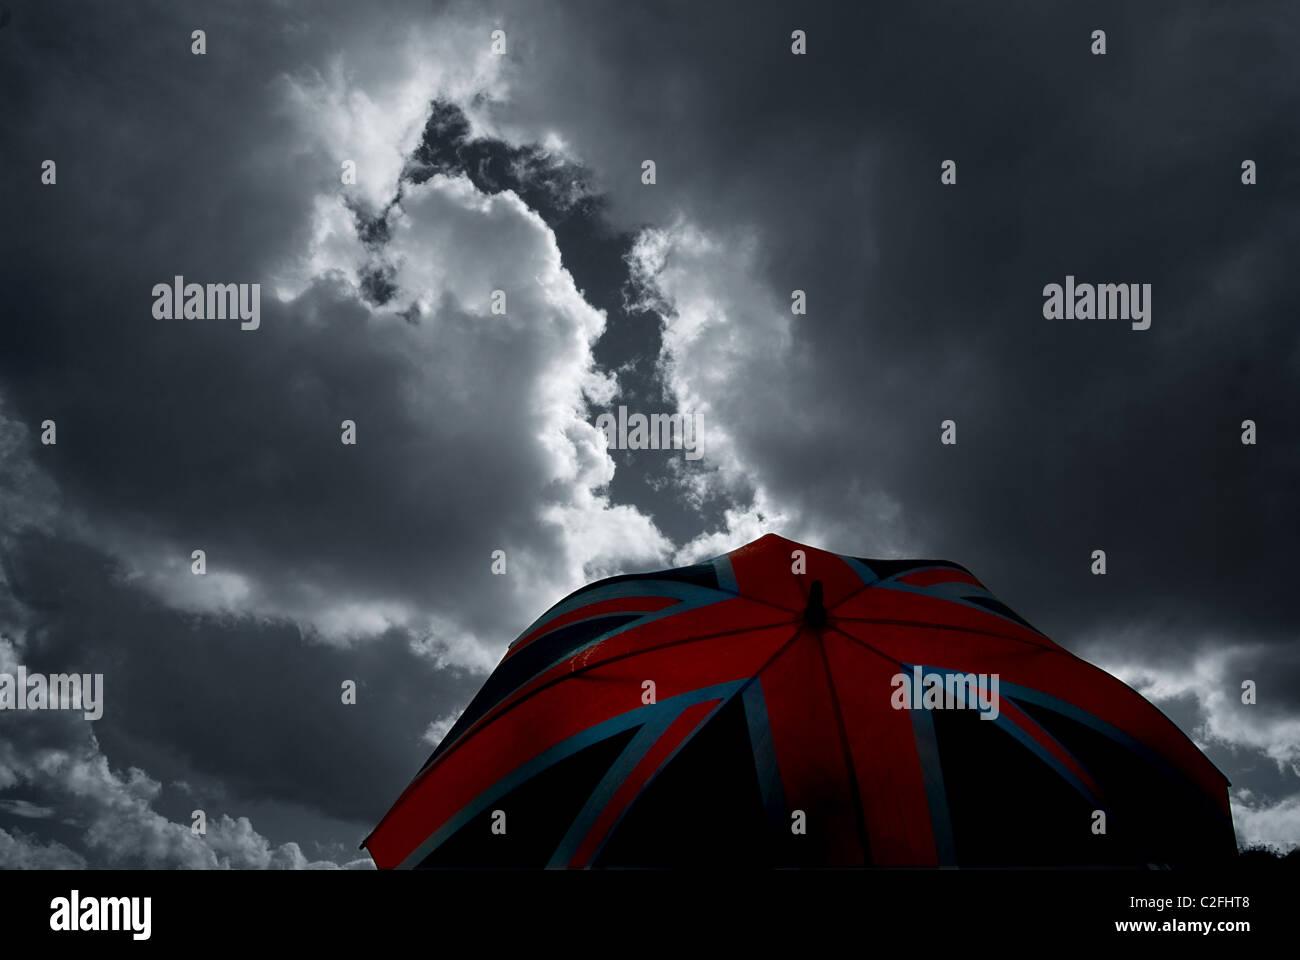 Brexit,Union Jack paraguas contra Un nublado cielo tormentoso. Concepto económico británico. Imagen De Stock